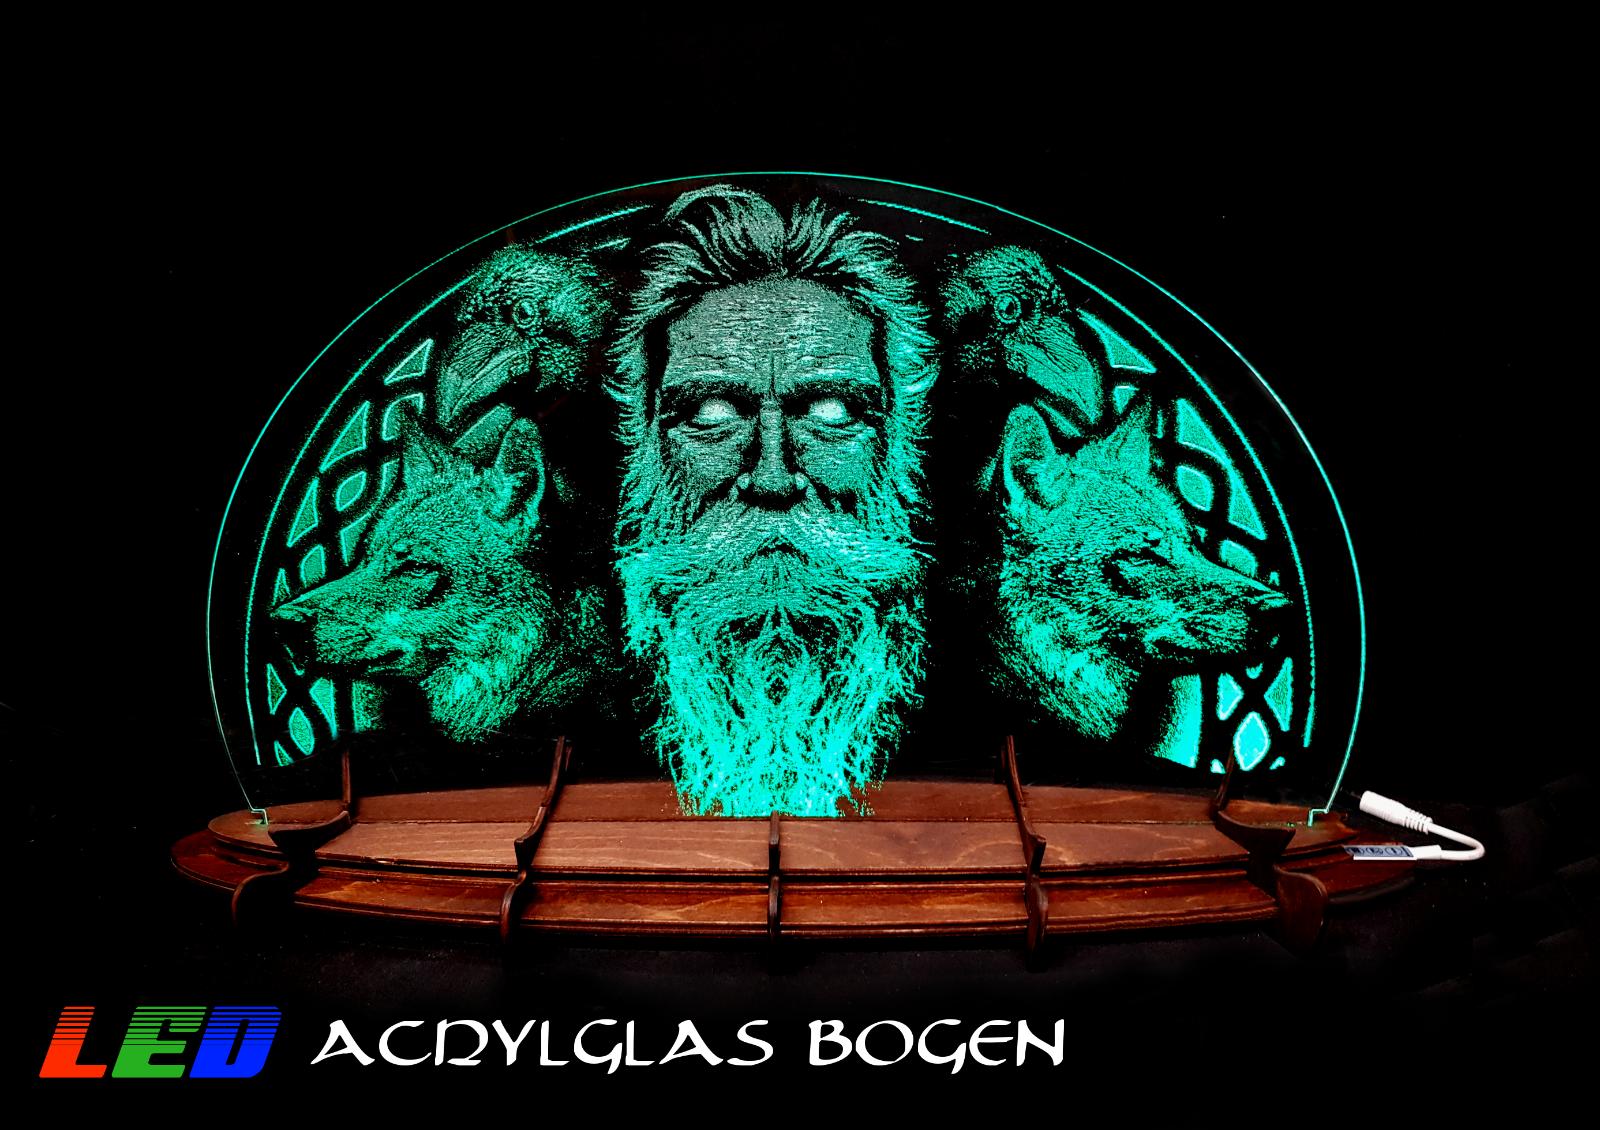 LED Acrylglasbogen - Allvater Odin - Lichterbogen RGB 3D